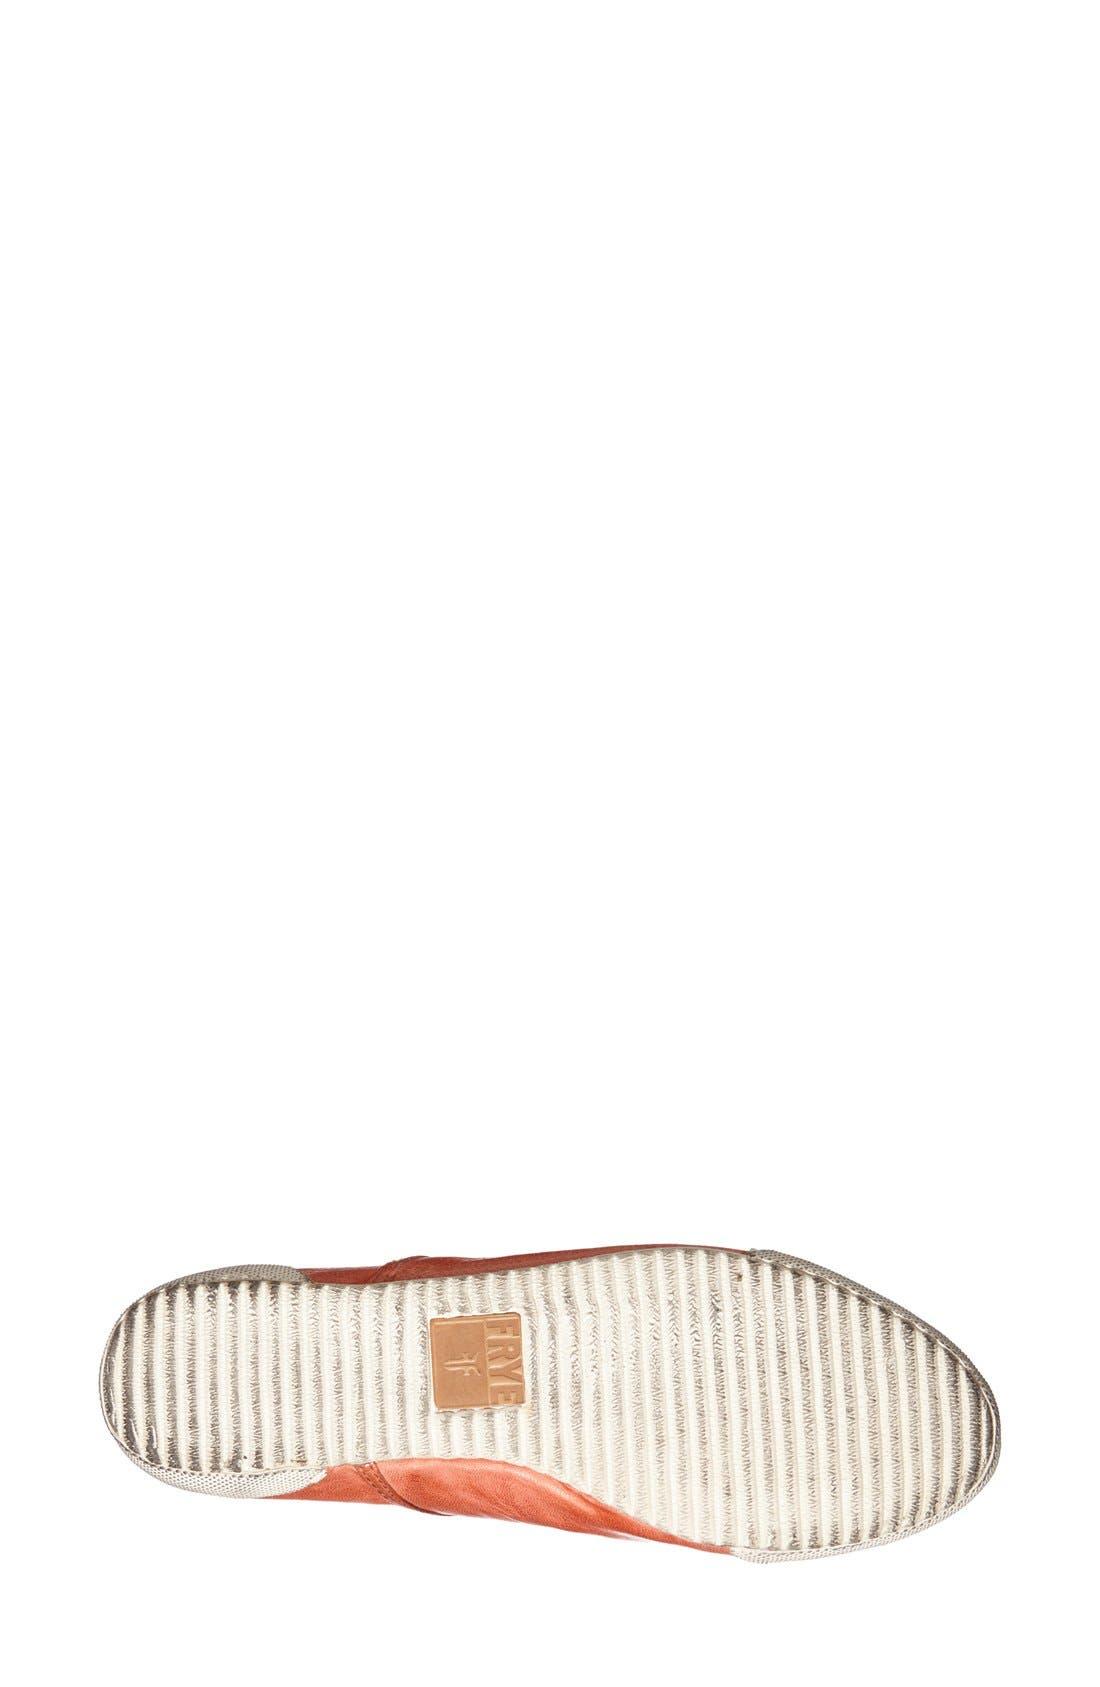 Alternate Image 4  - Frye 'Melanie' Leather Sneaker (Women)